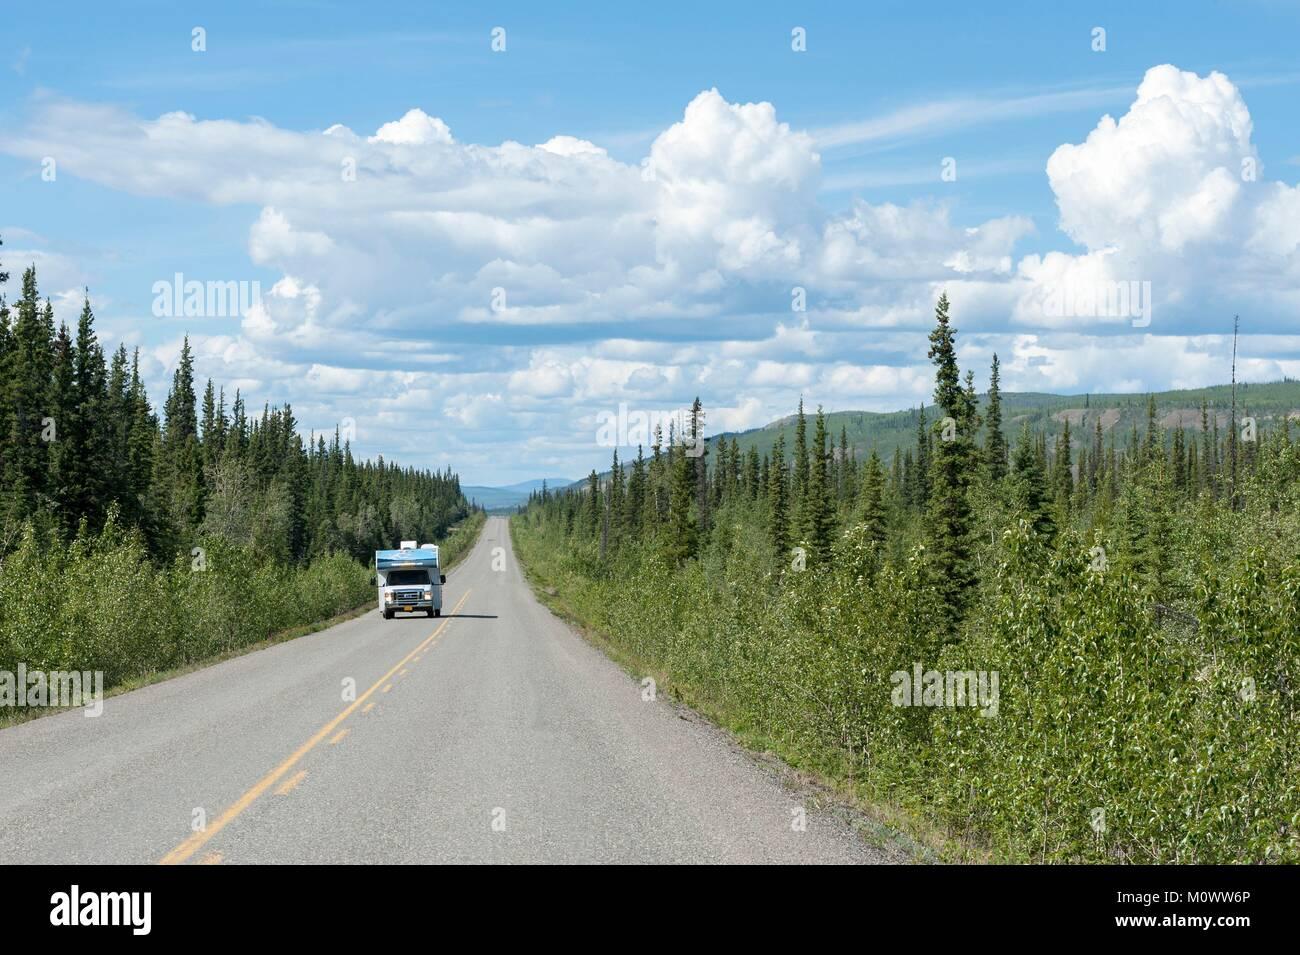 Canada,Yukon Territory,Klondike Highway - Stock Image